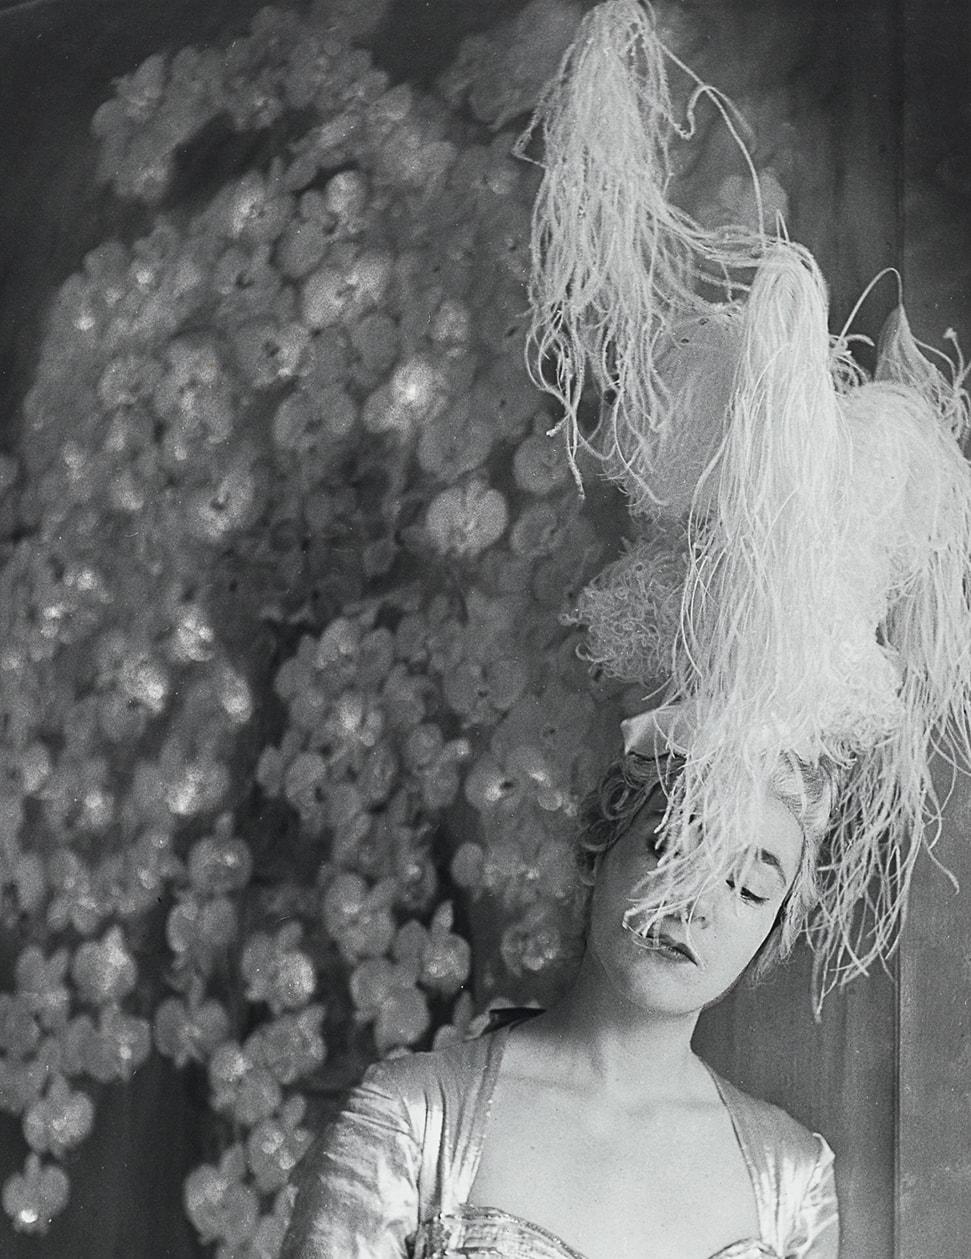 Elizabeth Strong-Cuevas in a costume by Pierre Balmain for her father's party, 1953, Madame d'Ora (Dora Kallmus) (1881–1963) / Museum für Kunst und Gewerbe Hamburg. Photo: © Nachlass Madame d'Ora, Museum für Kunst und Gewerbe Hamburg